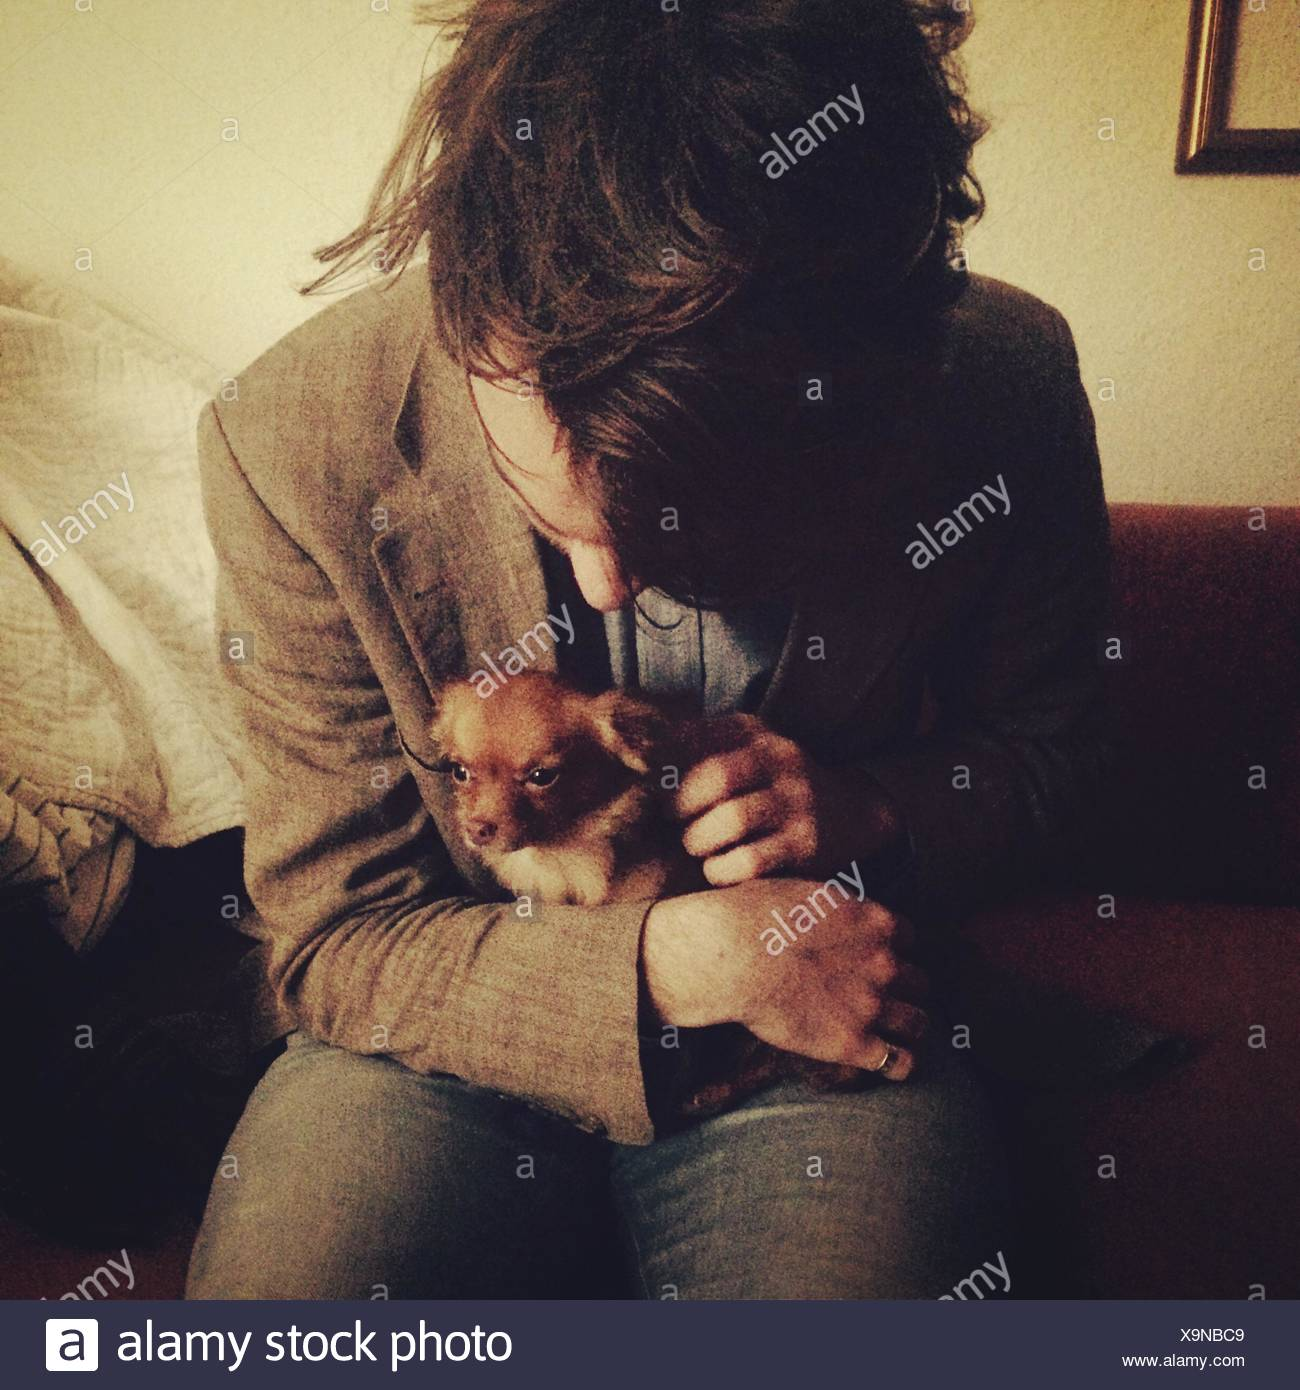 Joven sentada en el Regazo de acariciar a Chihuahua Imagen De Stock